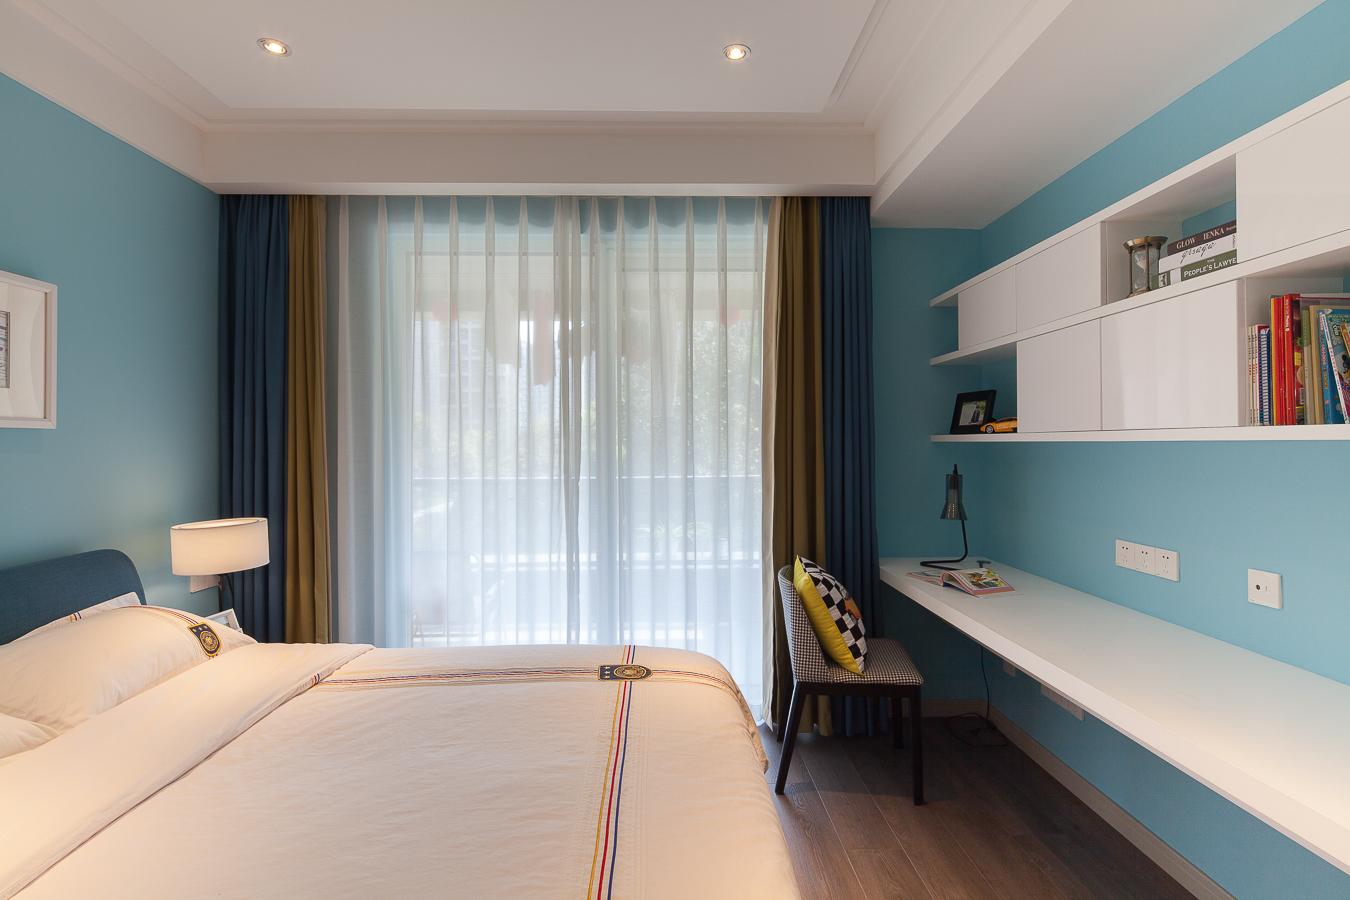 次卧采用浅蓝色墙面,清新舒适,墙面打造置物区,平时看的书都可以放在上面,拿取也方便。